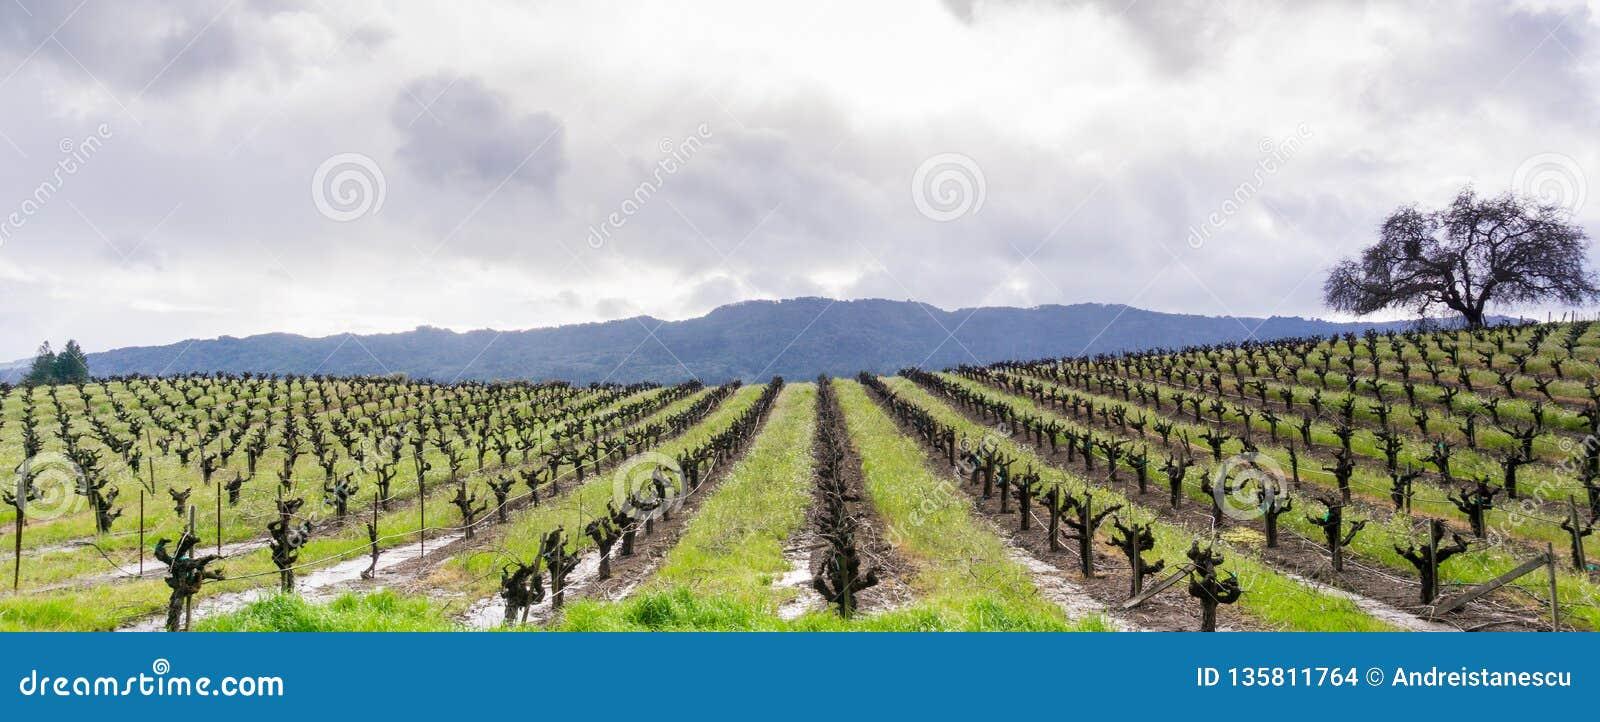 Vista panorâmica de um vinhedo no vale de Sonoma no início da mola, Califórnia